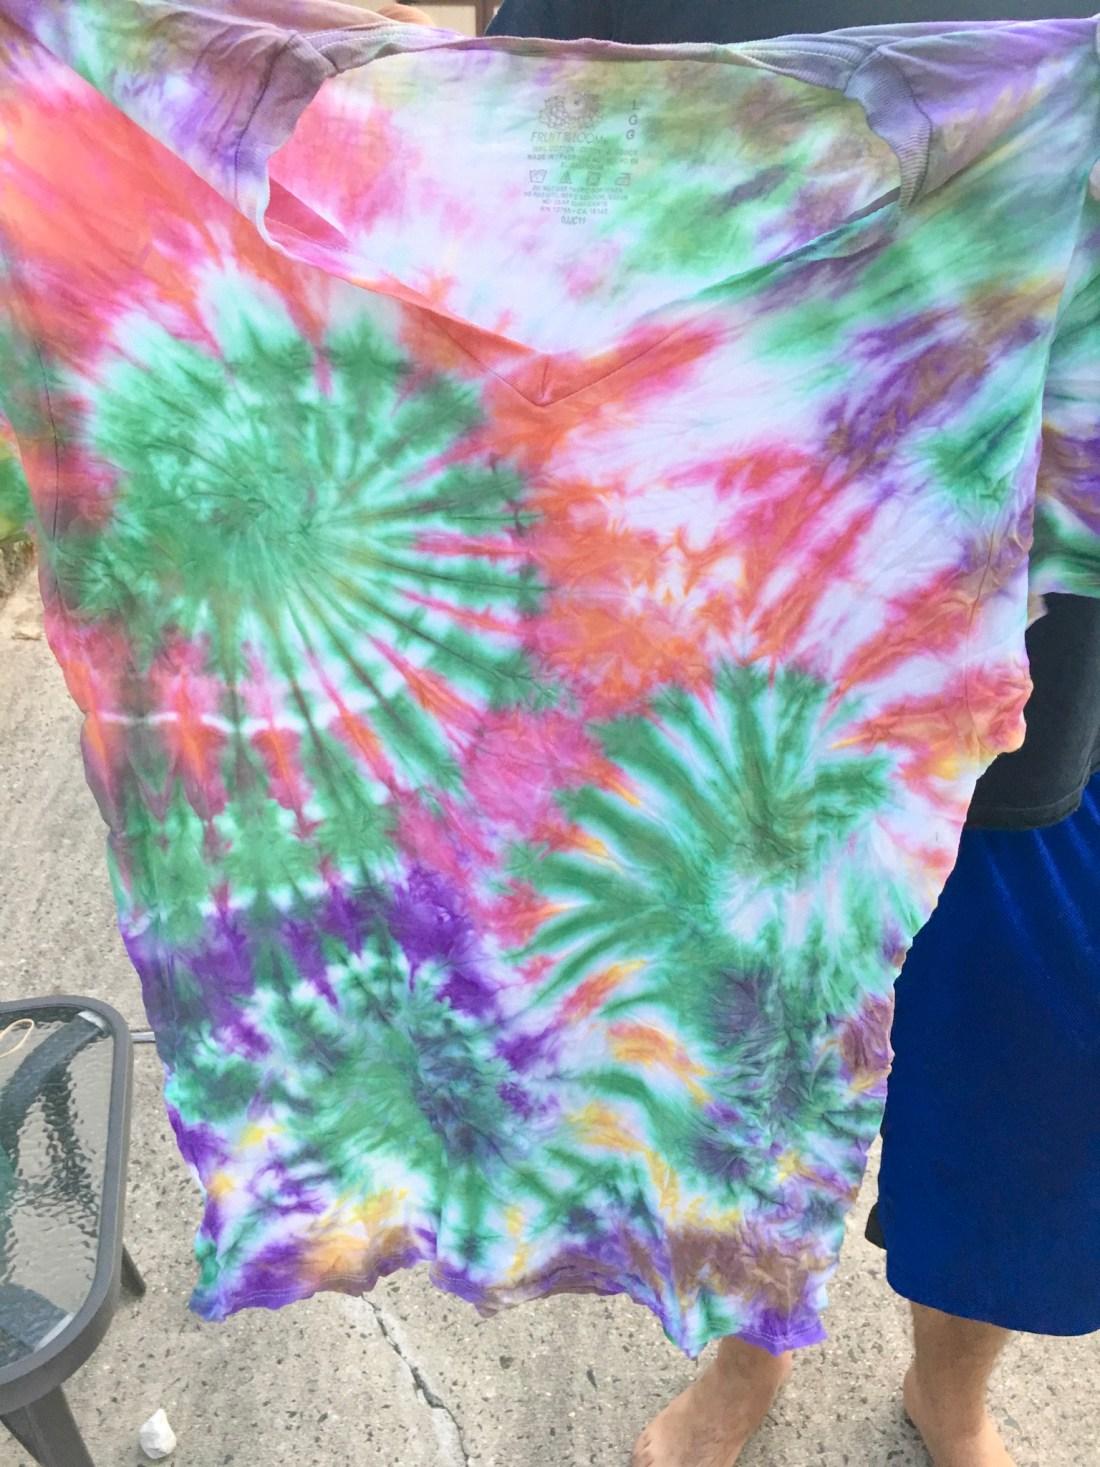 Alex's shirt